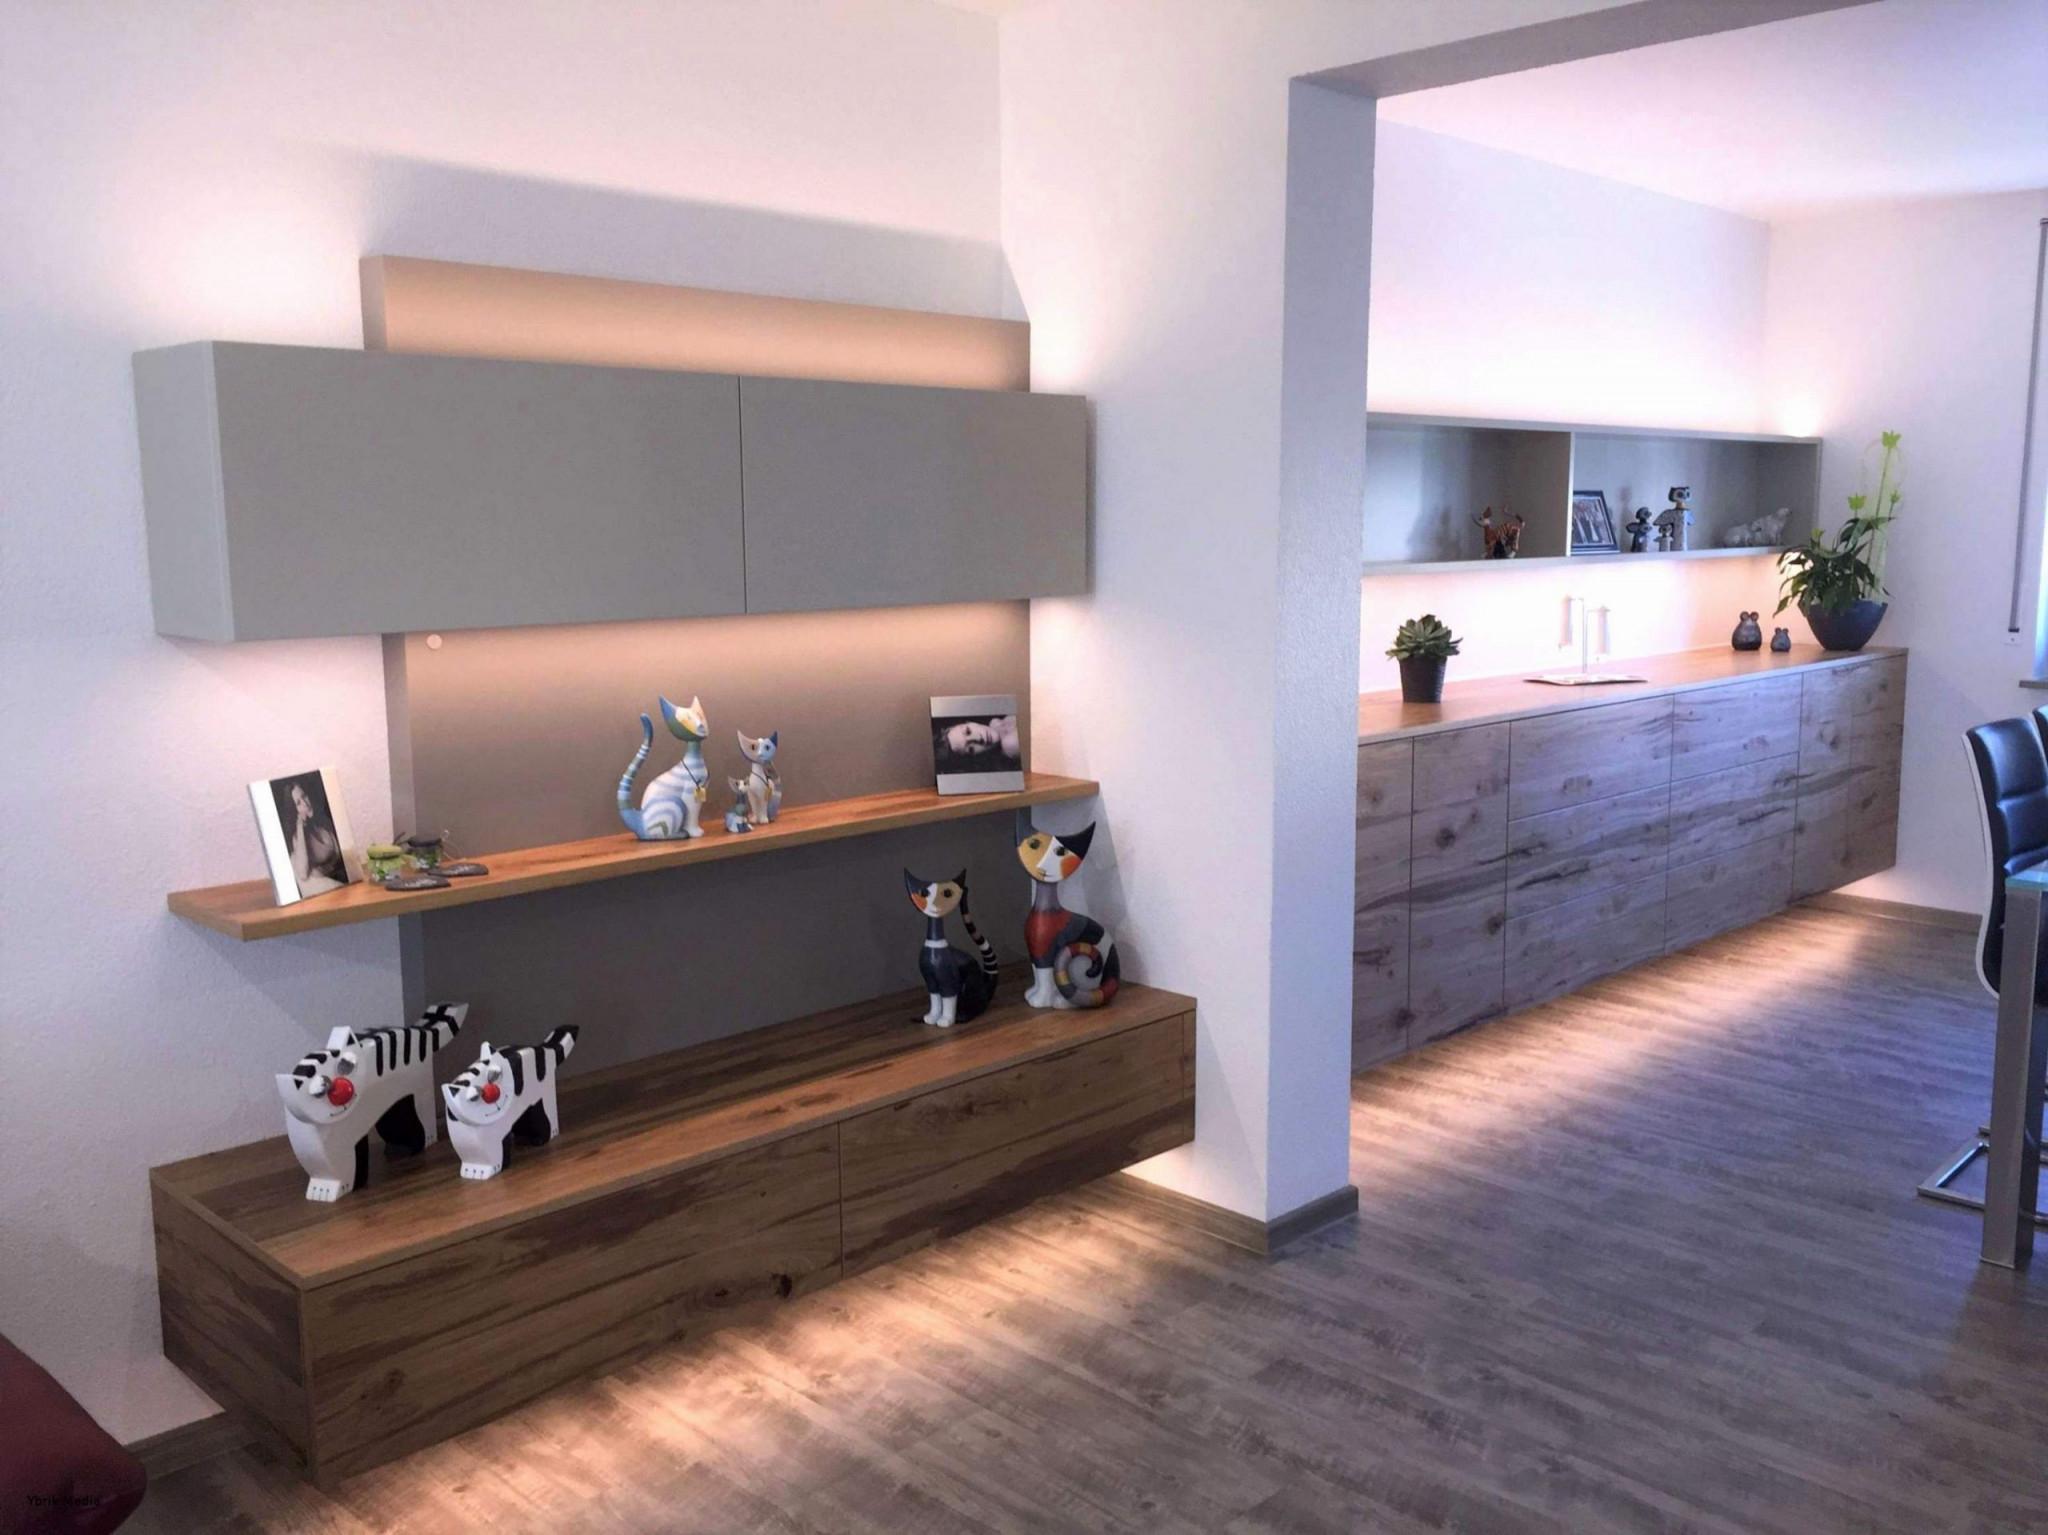 34 Genial 20 Qm Wohnzimmer Einrichten Elegant  Wohnzimmer von Wohnzimmer Stilvoll Einrichten Photo